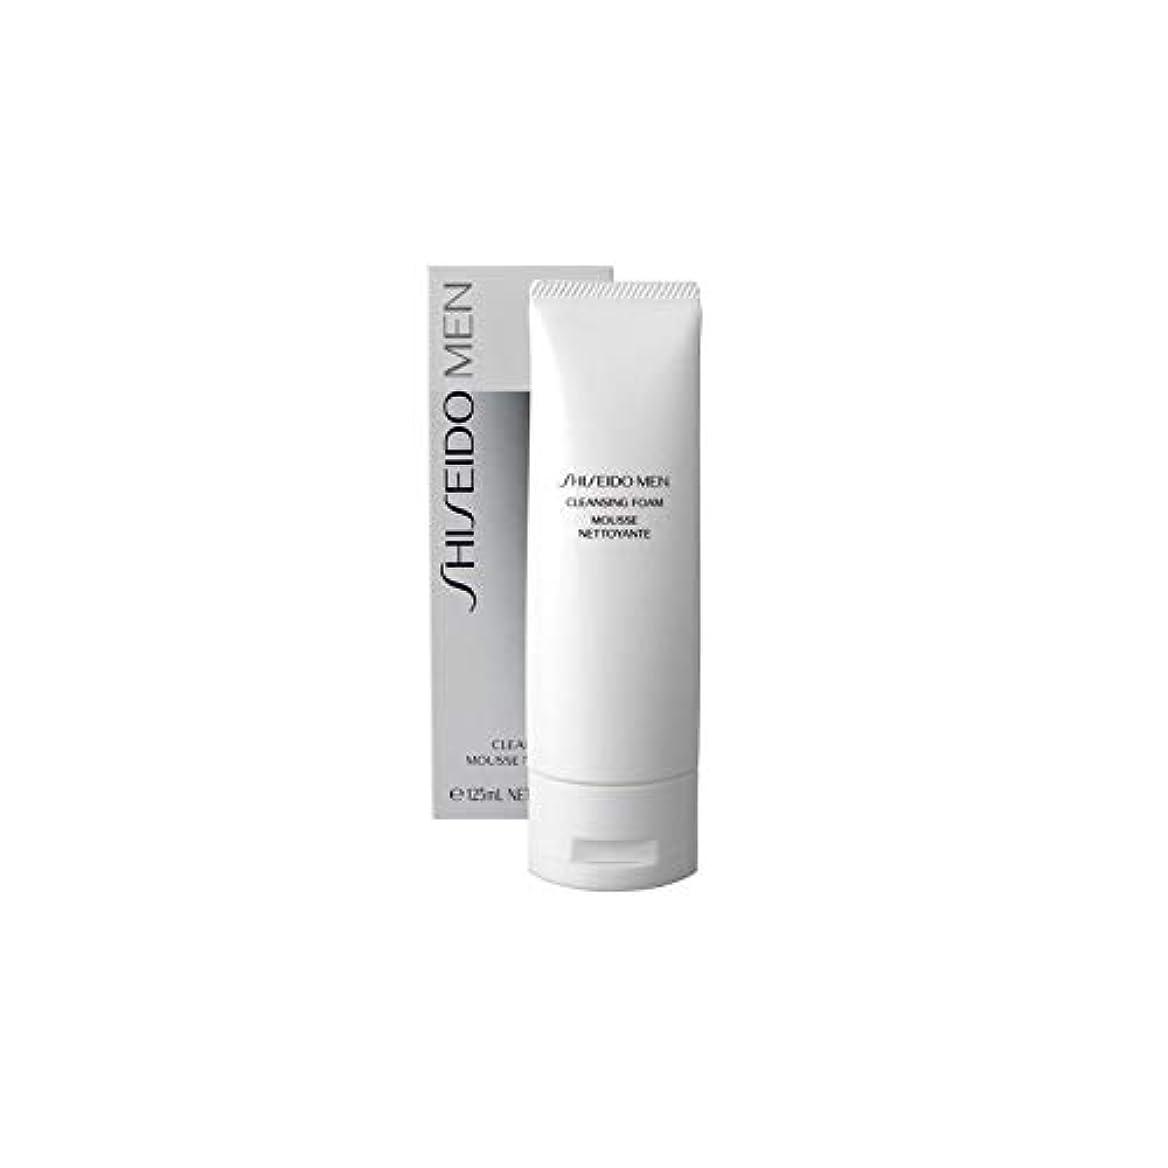 眩惑する印象神秘[Shiseido] 資生堂は、クレンジングフォーム(125ミリリットル)をメンズ - Shiseido Mens Cleansing Foam (125ml) [並行輸入品]